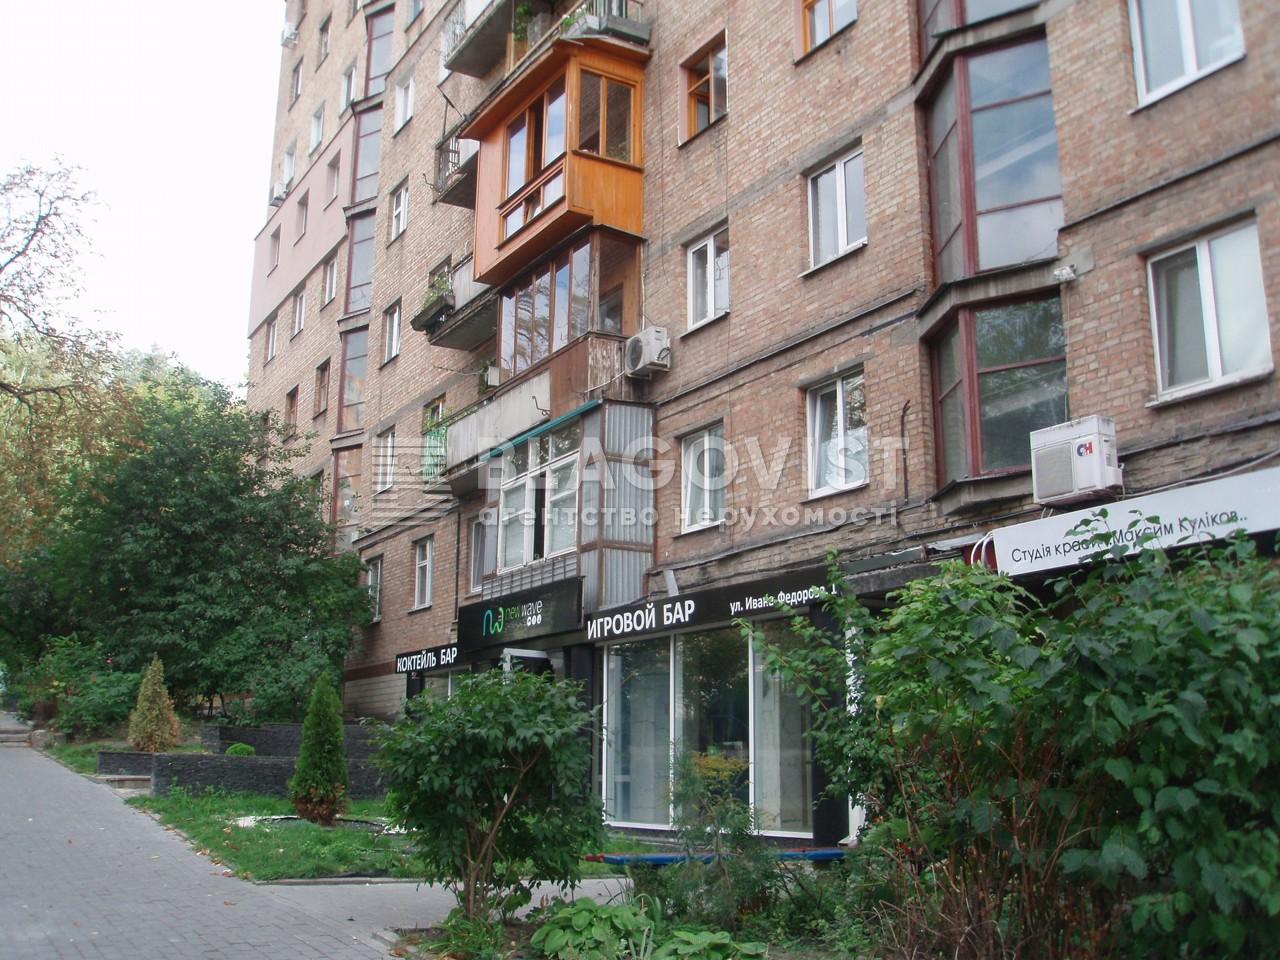 Квартира D-11767, Федорова Ивана, 1, Киев - Фото 3